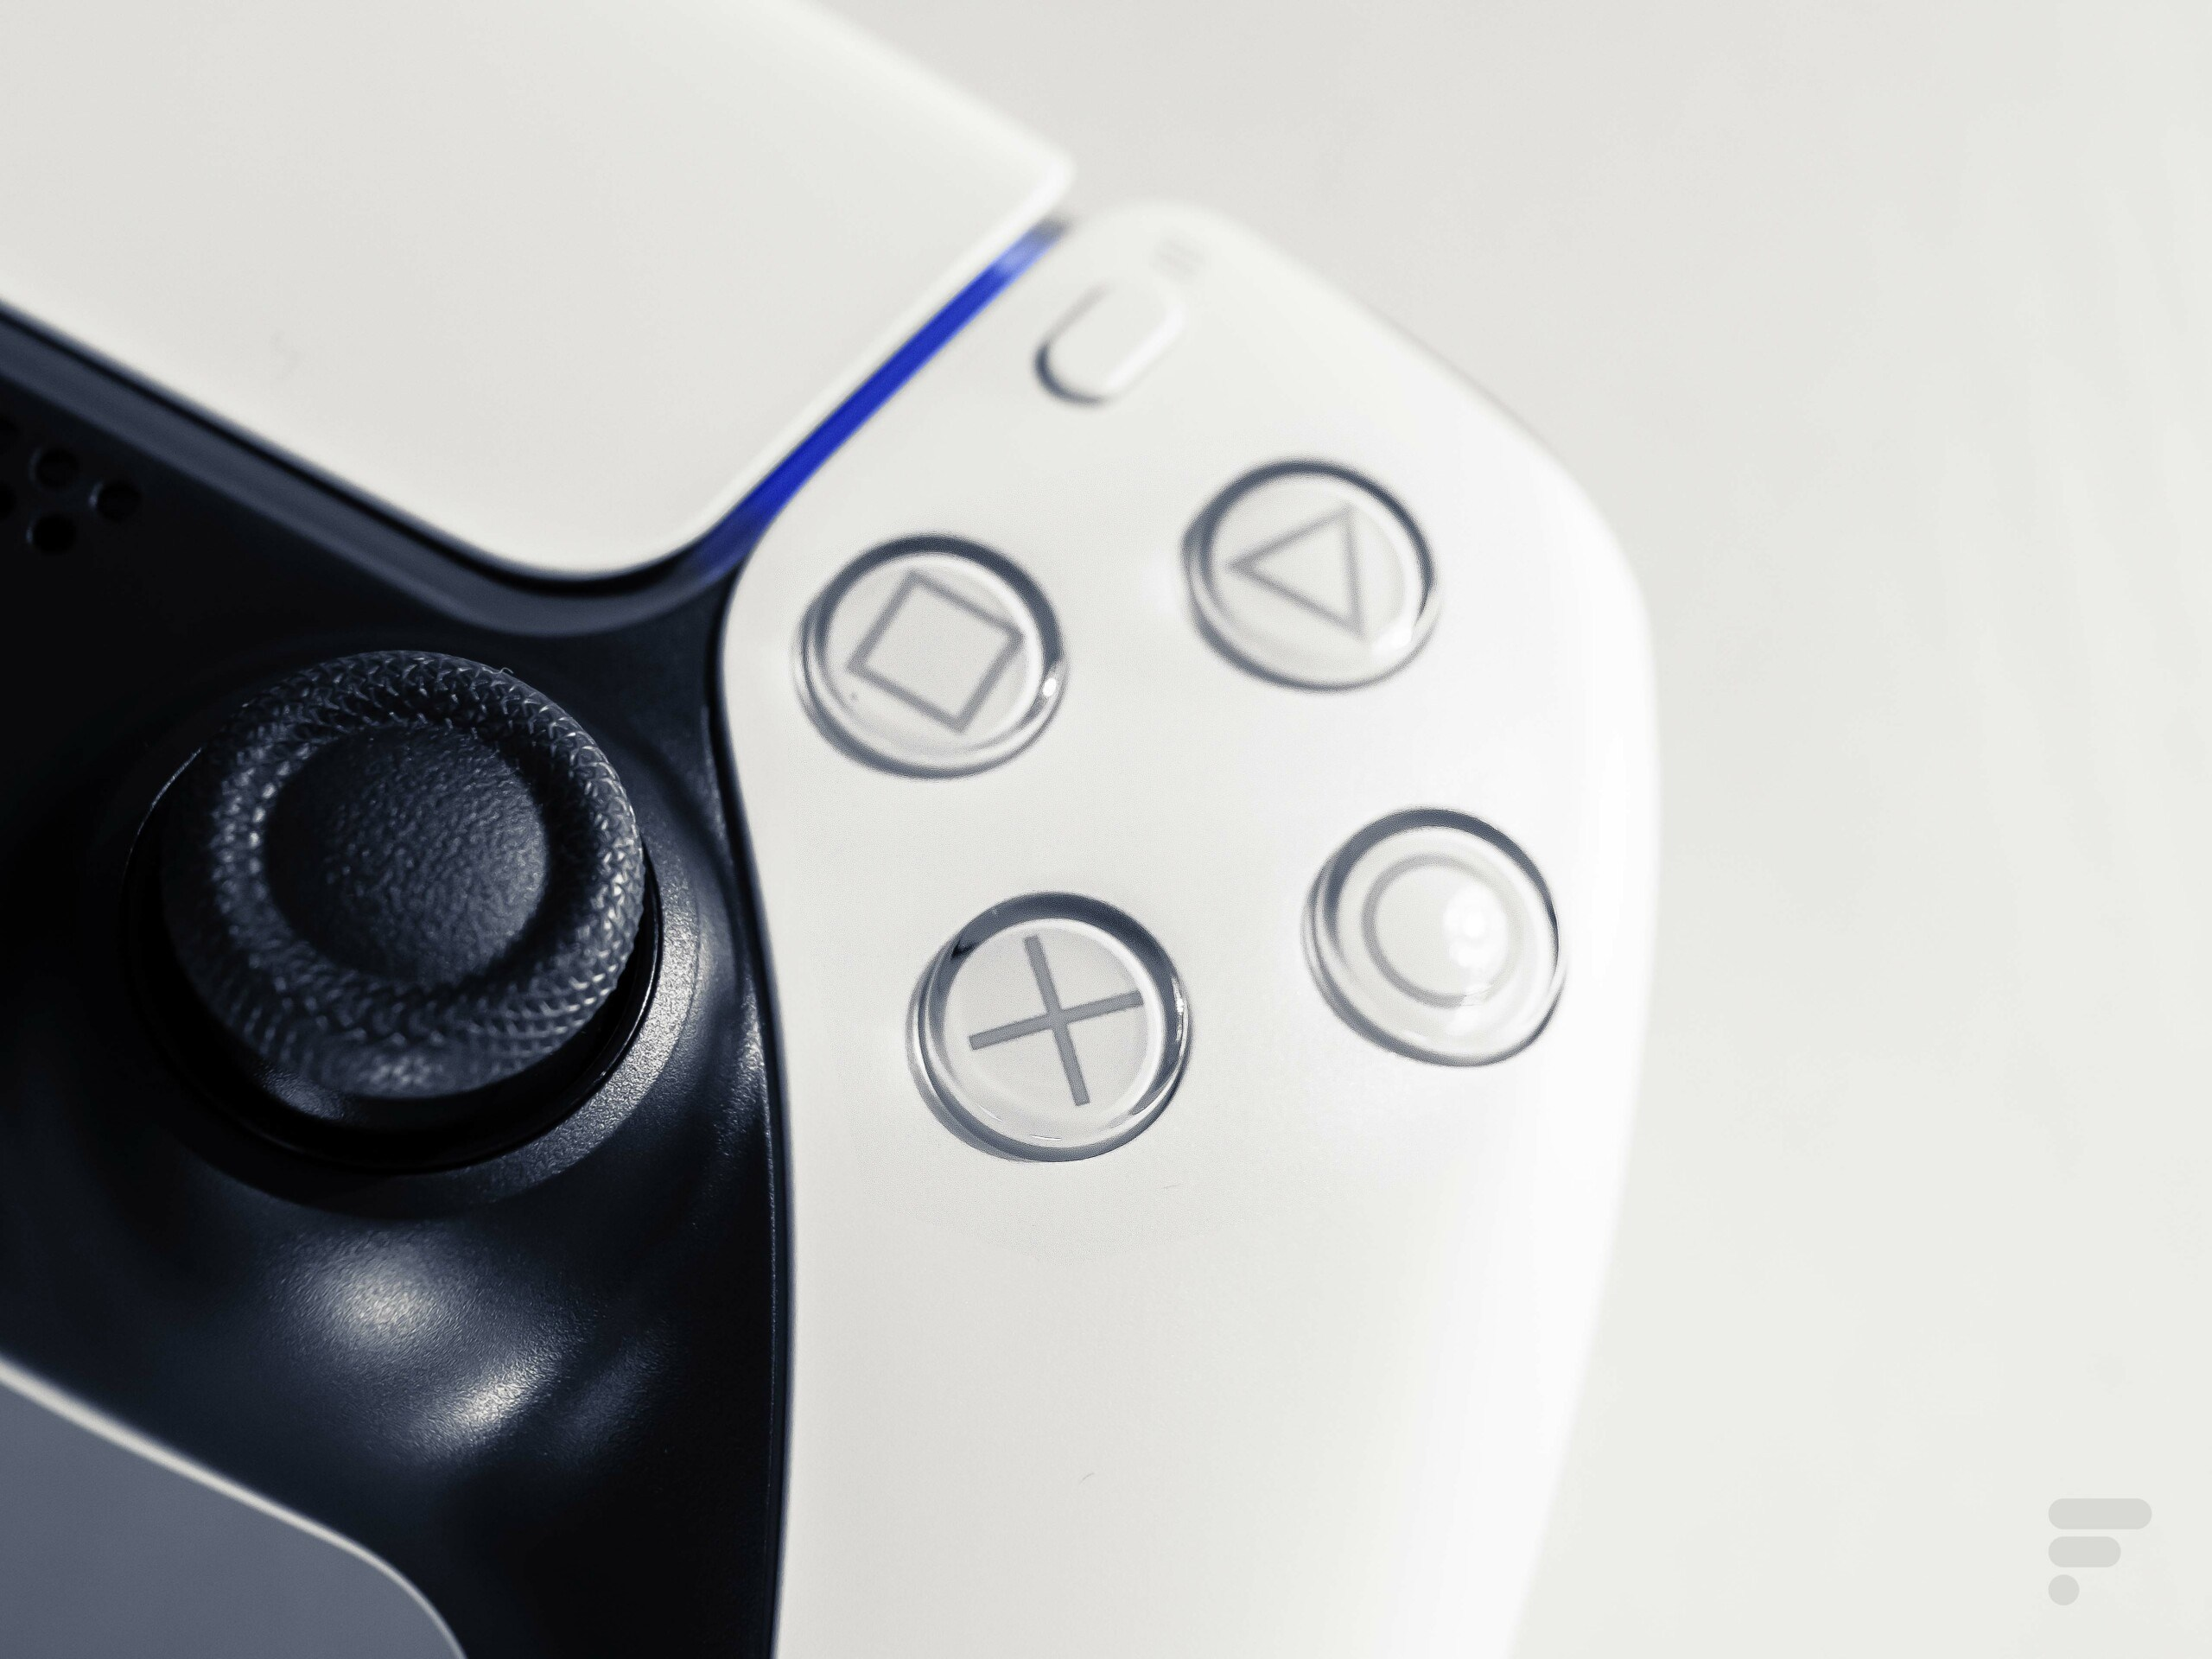 PS5 : la mise à jour de février corrige la confusion entre les jeux PS4 et PS5